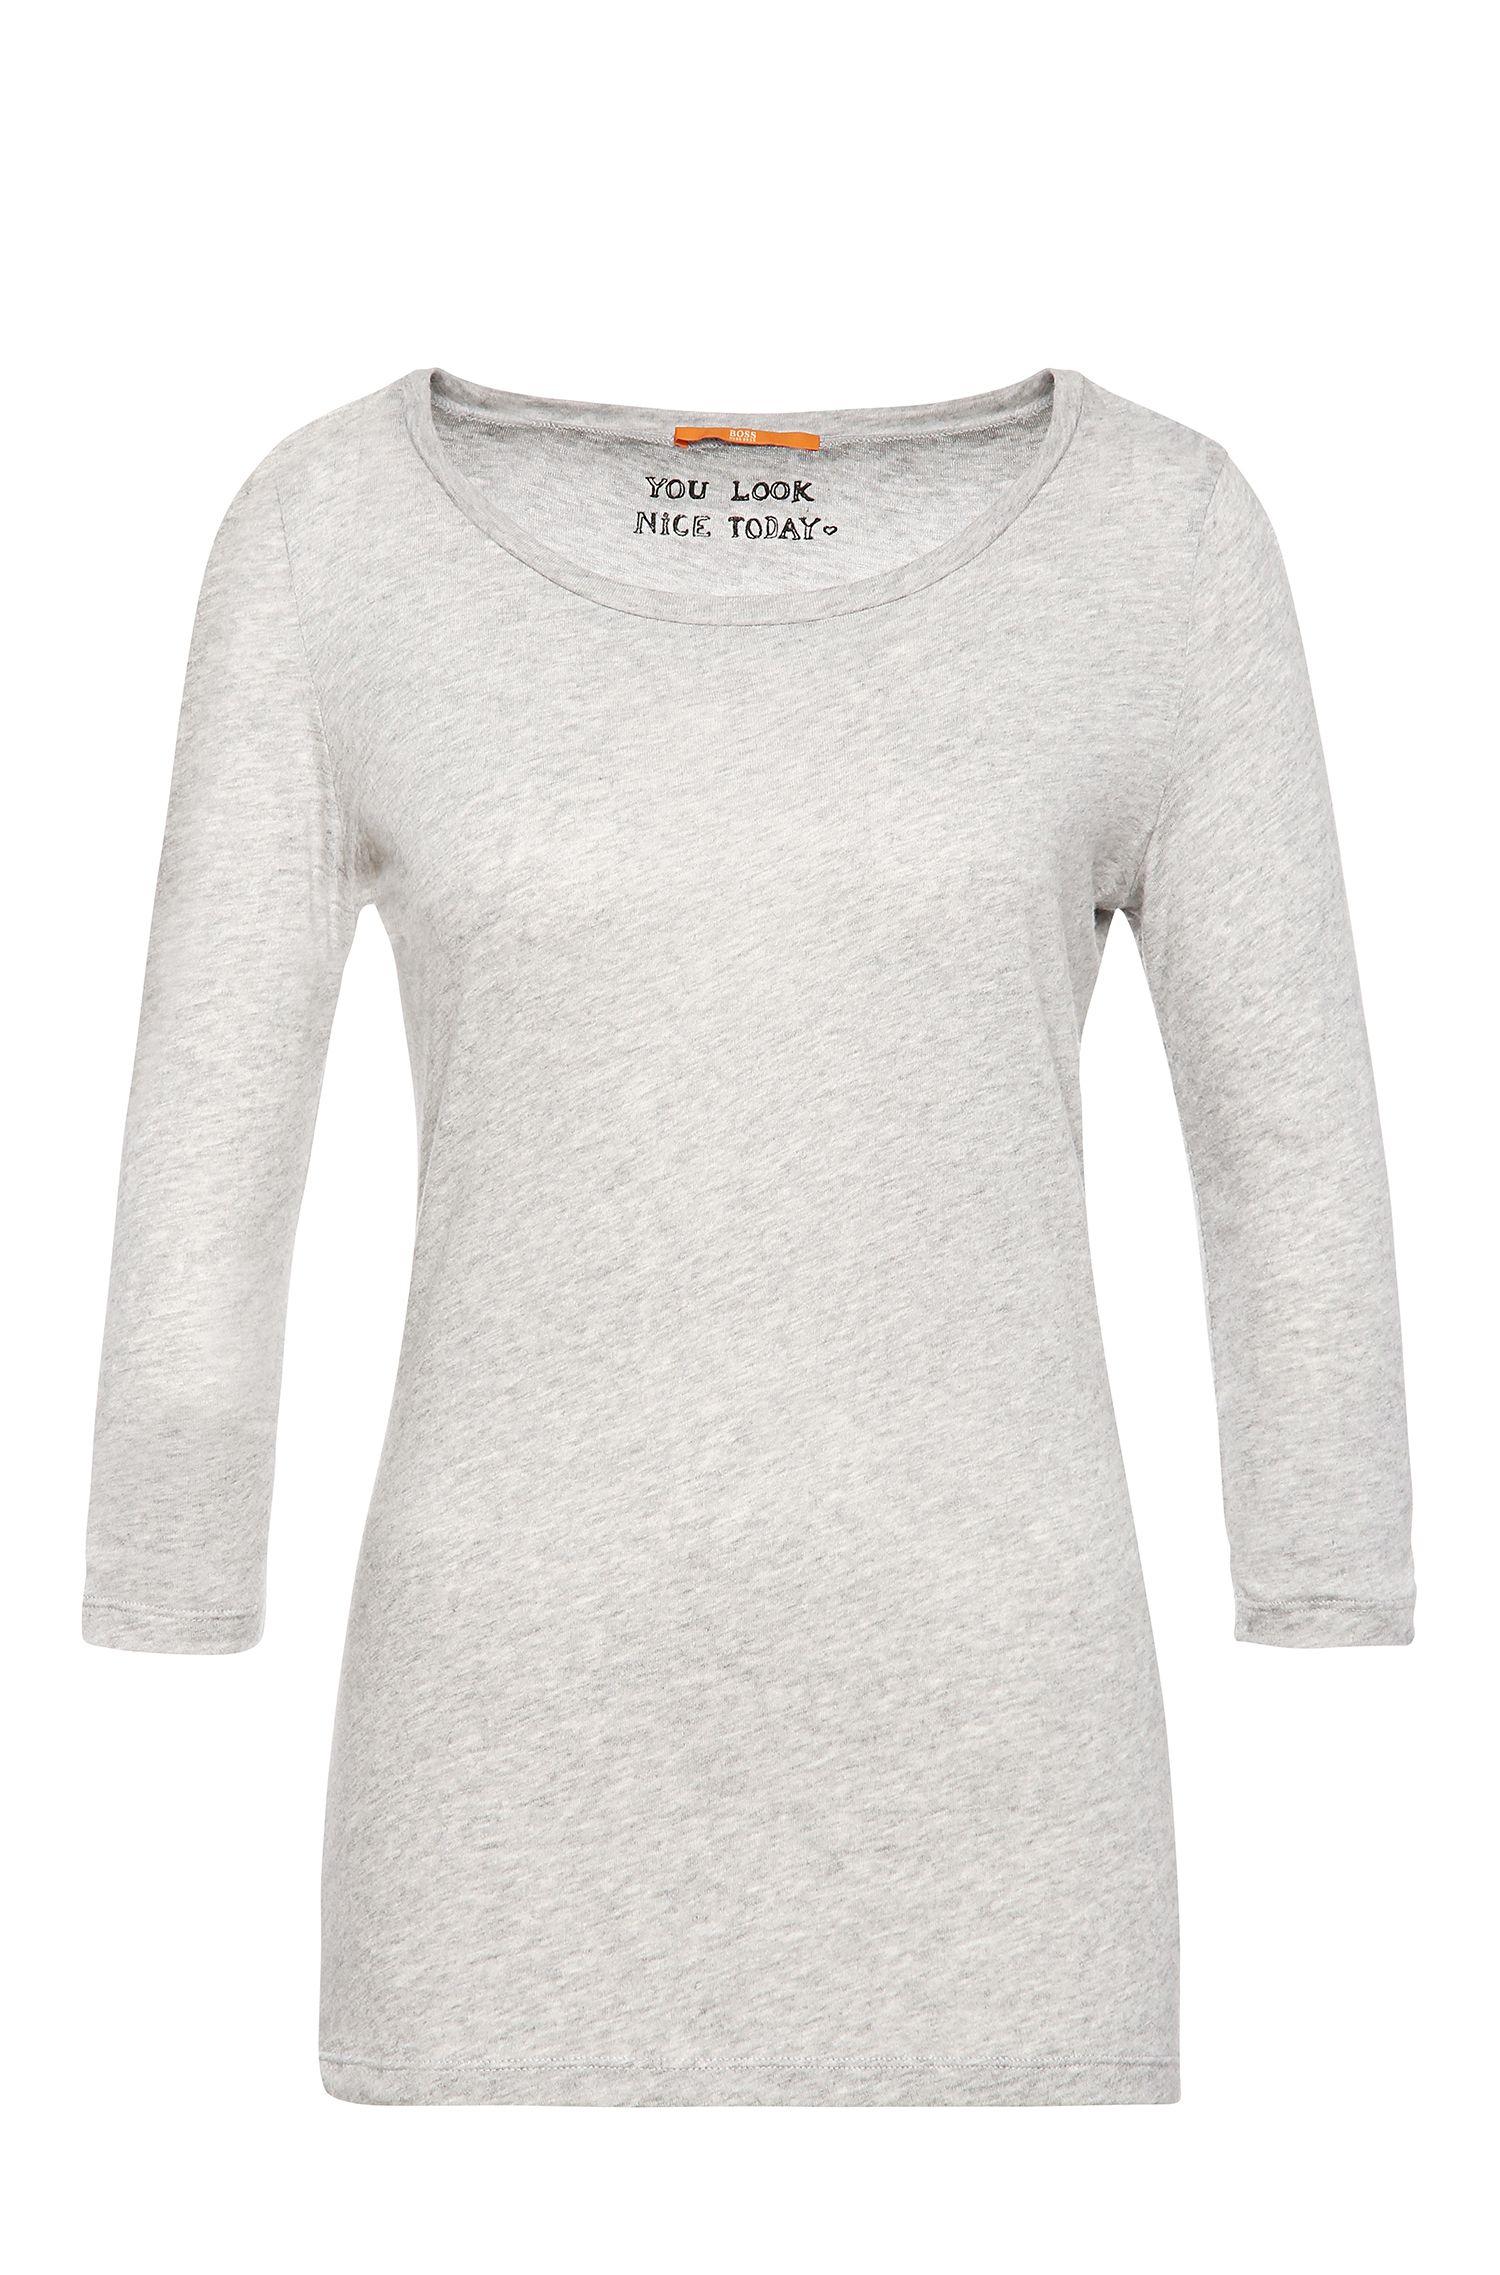 Slim-Fit Shirt mit 3/4 Ärmeln aus Baumwoll-Gemisch